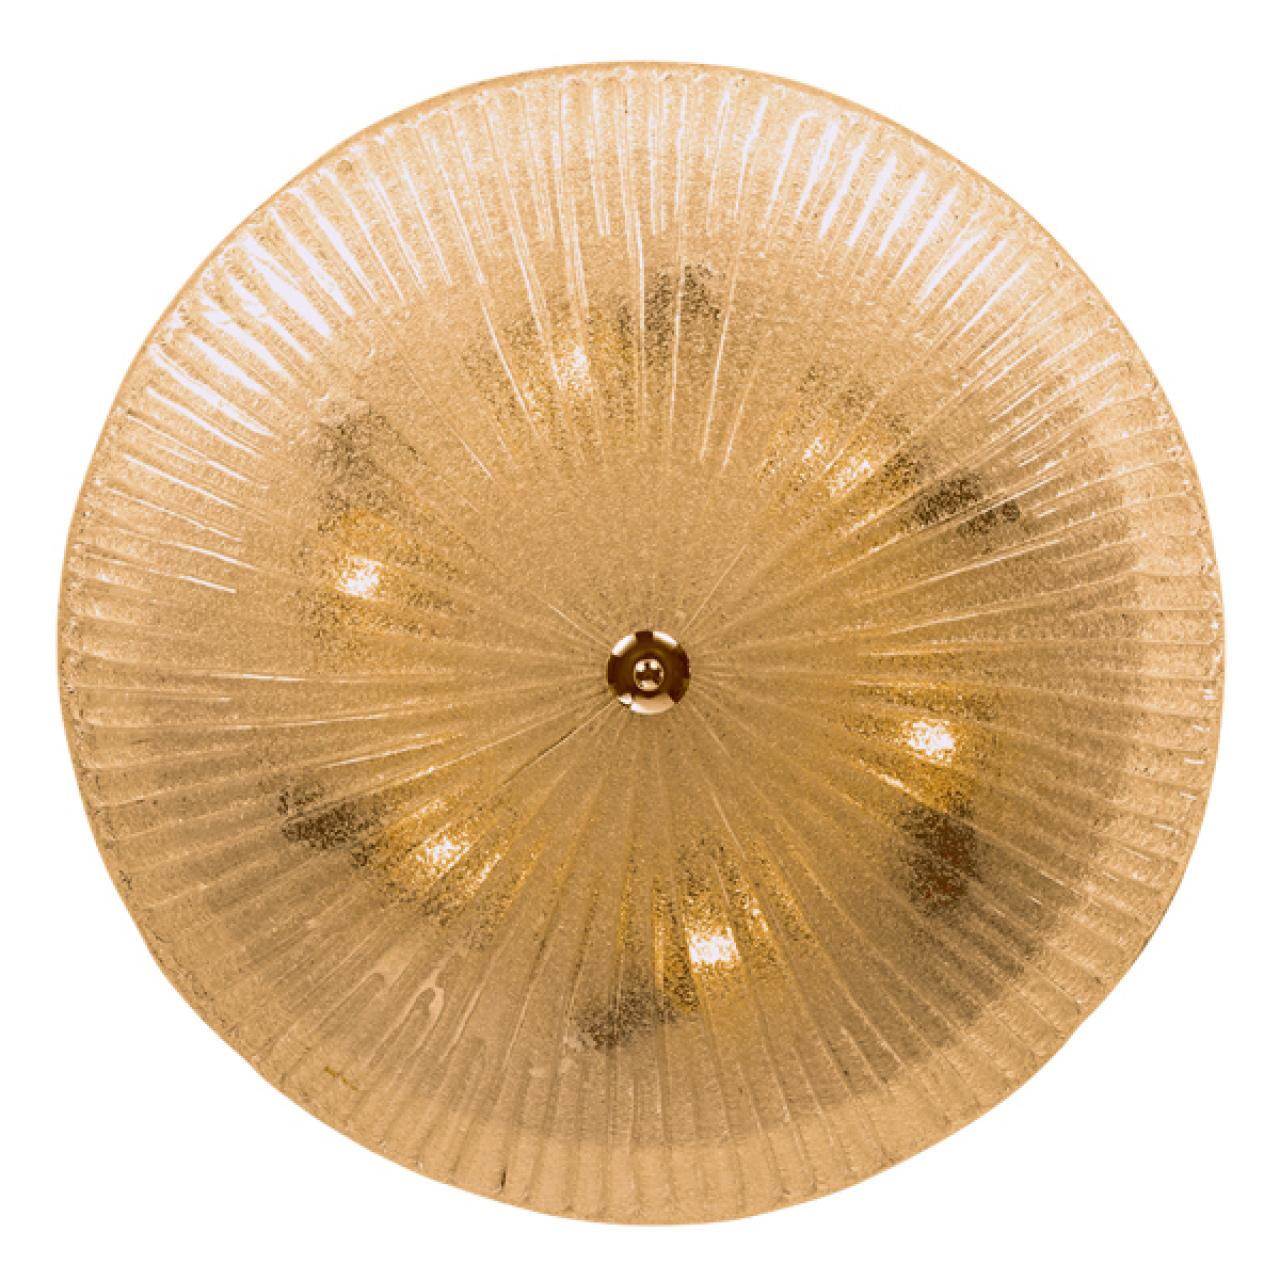 Плафон потолочный Zucche 6х60W E27 янтарь Lightstar 820863